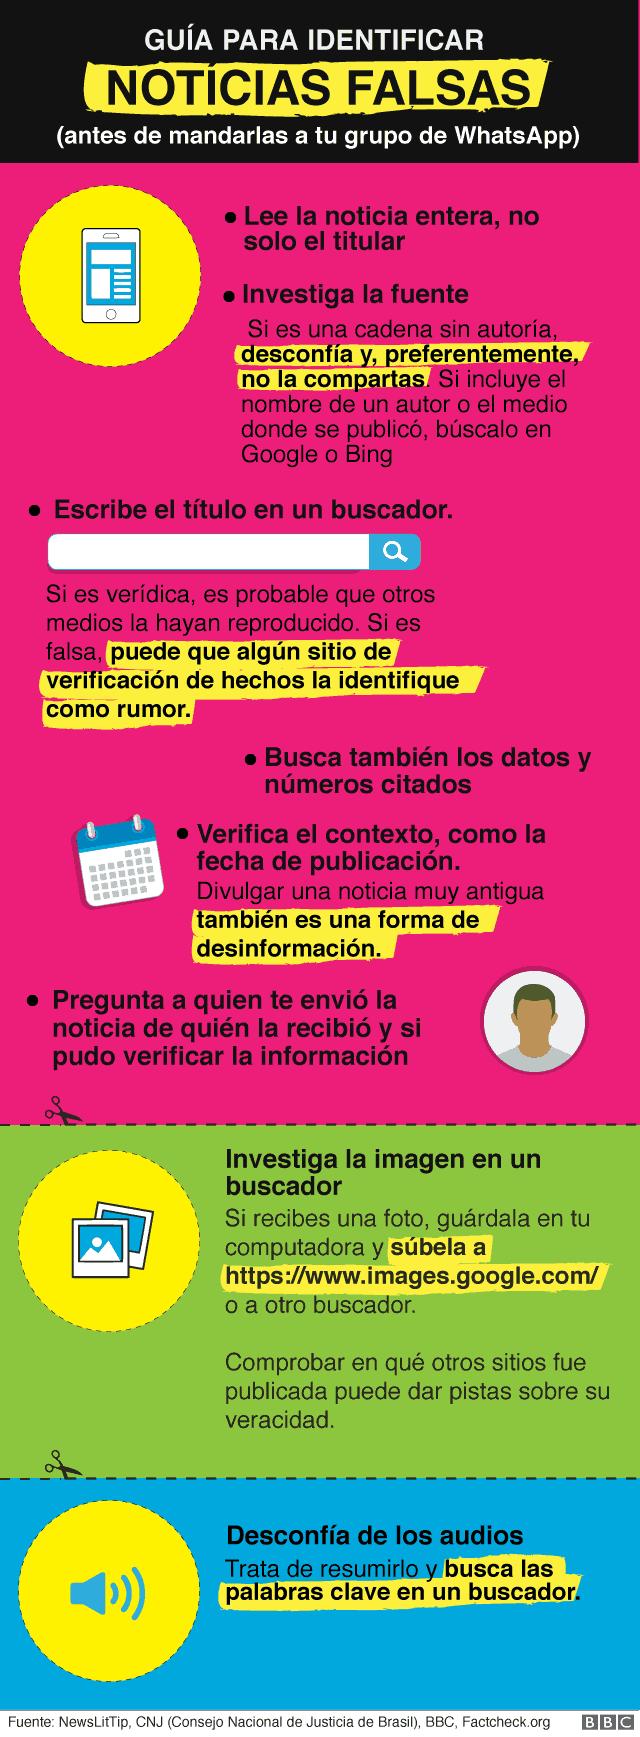 Guía Básica Para Identificar Noticias Falsas Antes De